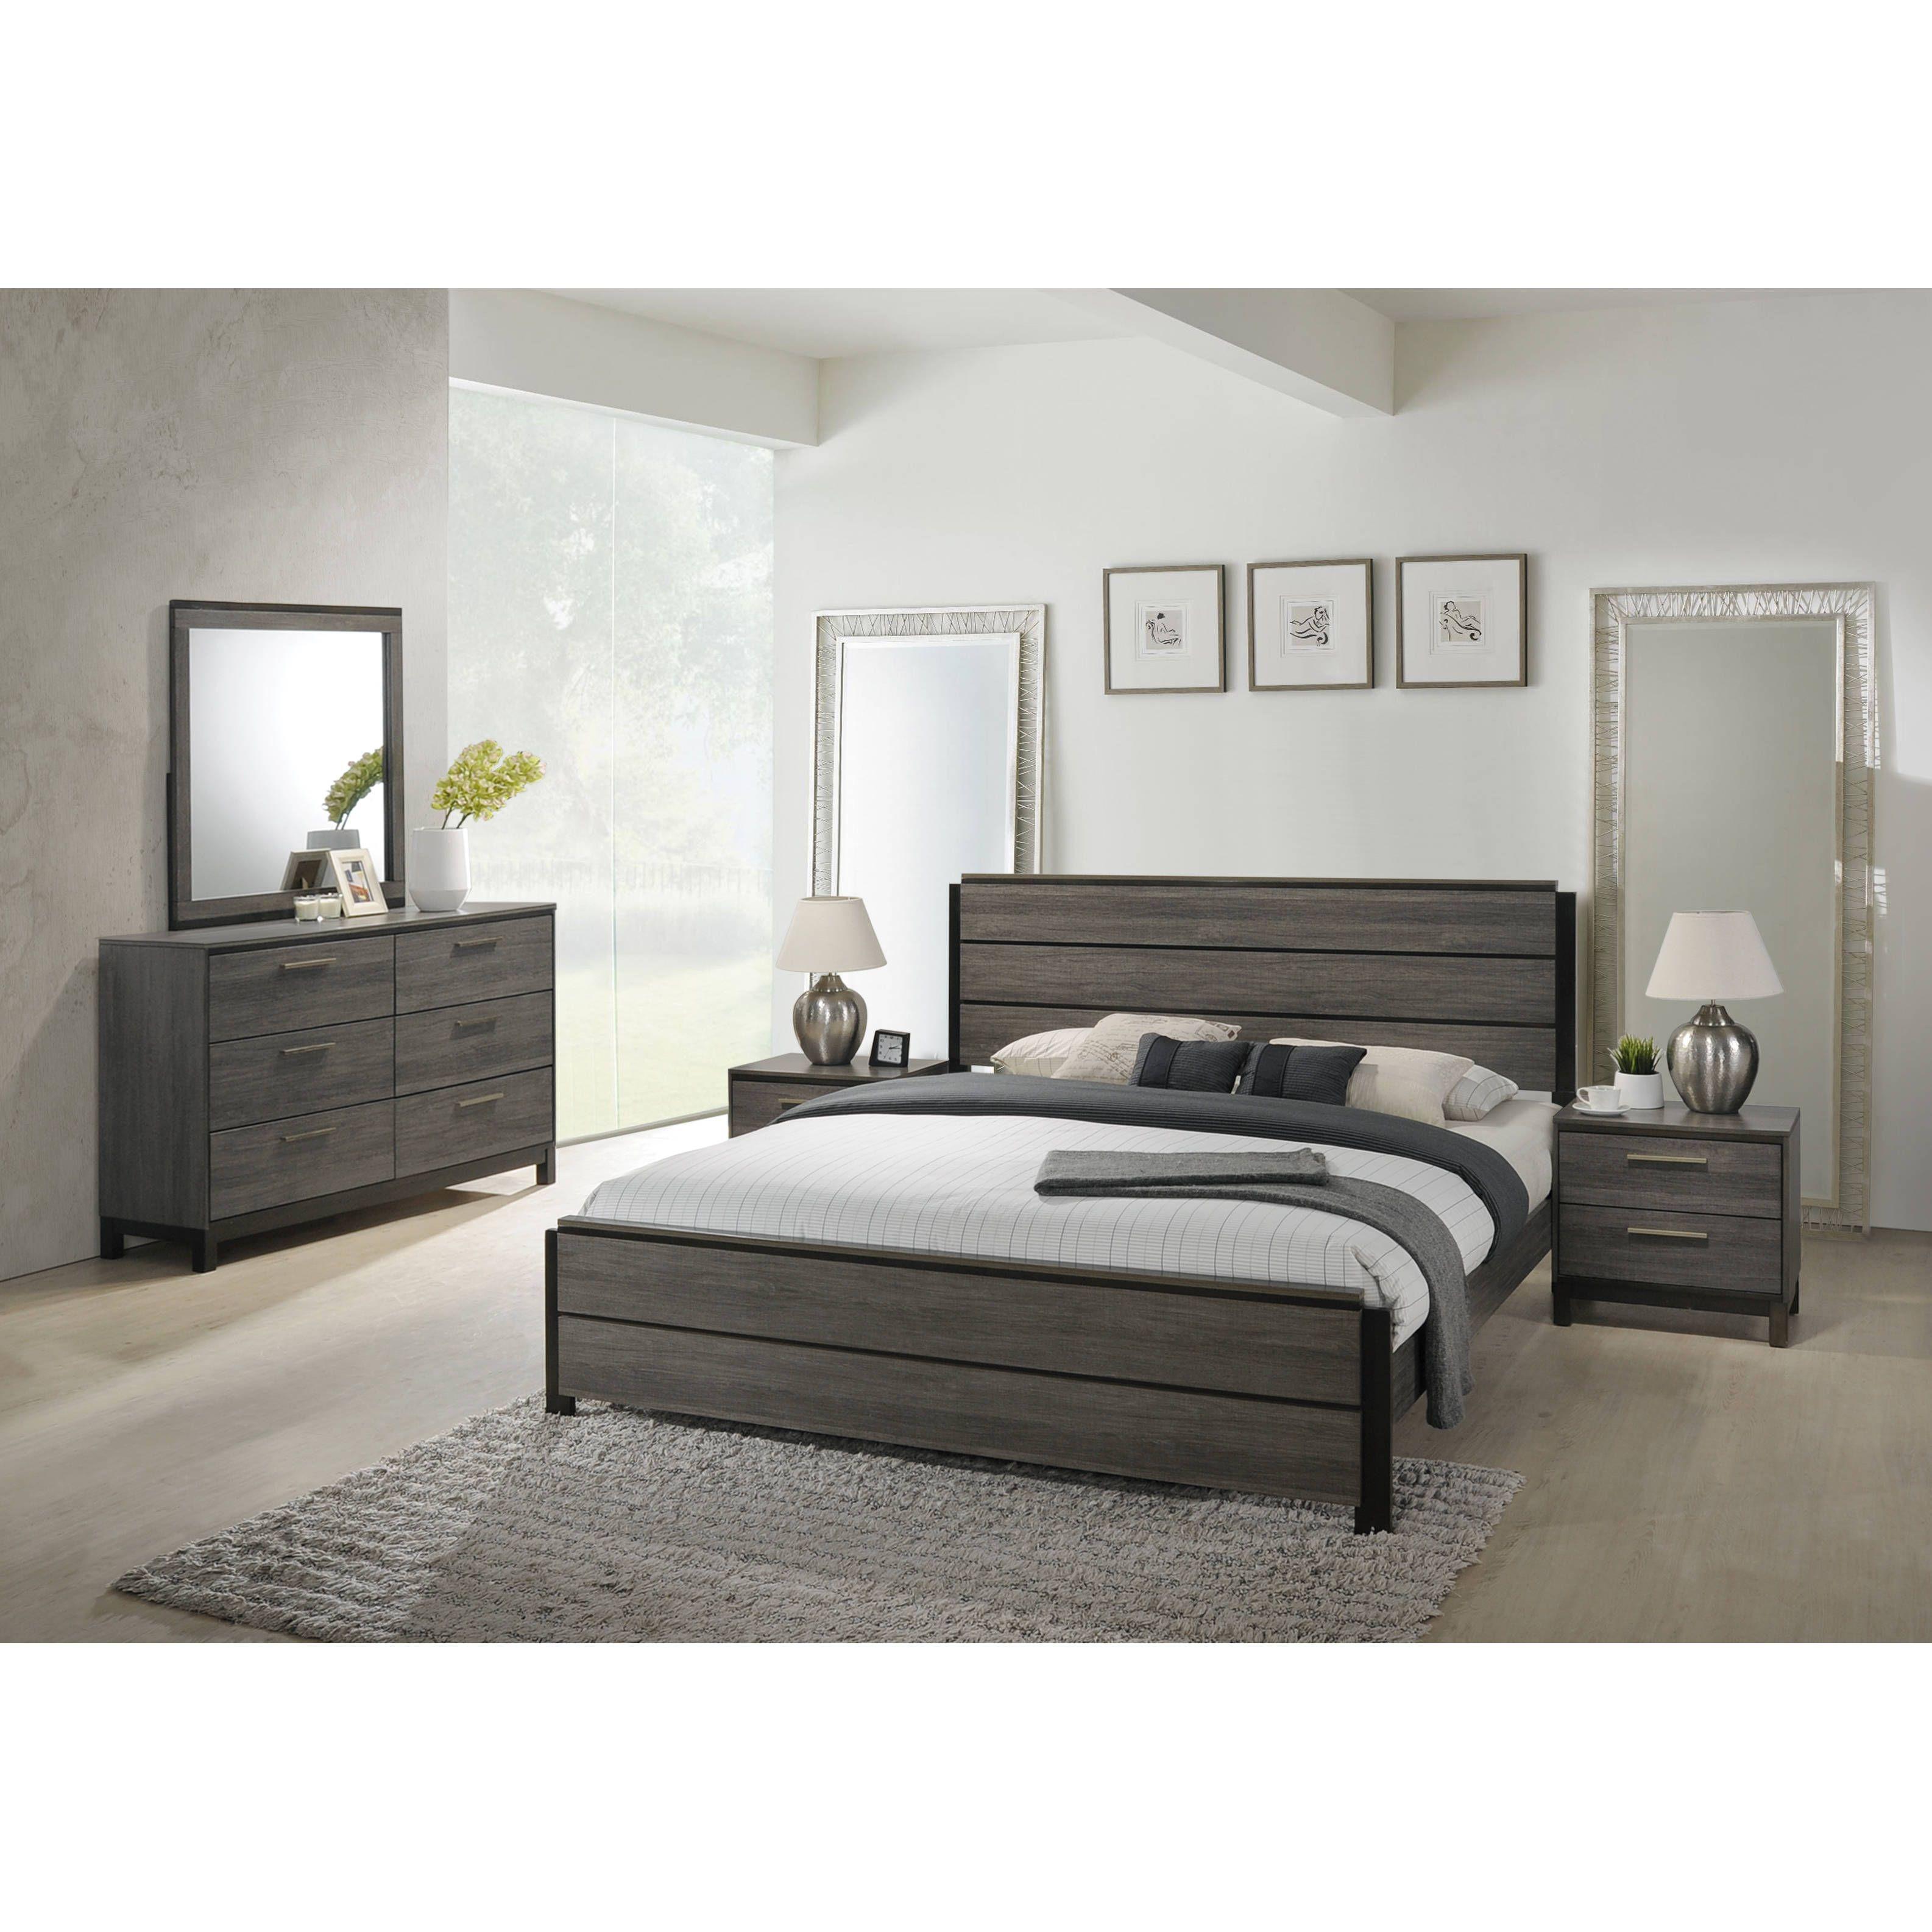 42+ Best Bedroom Sets King Size Newest